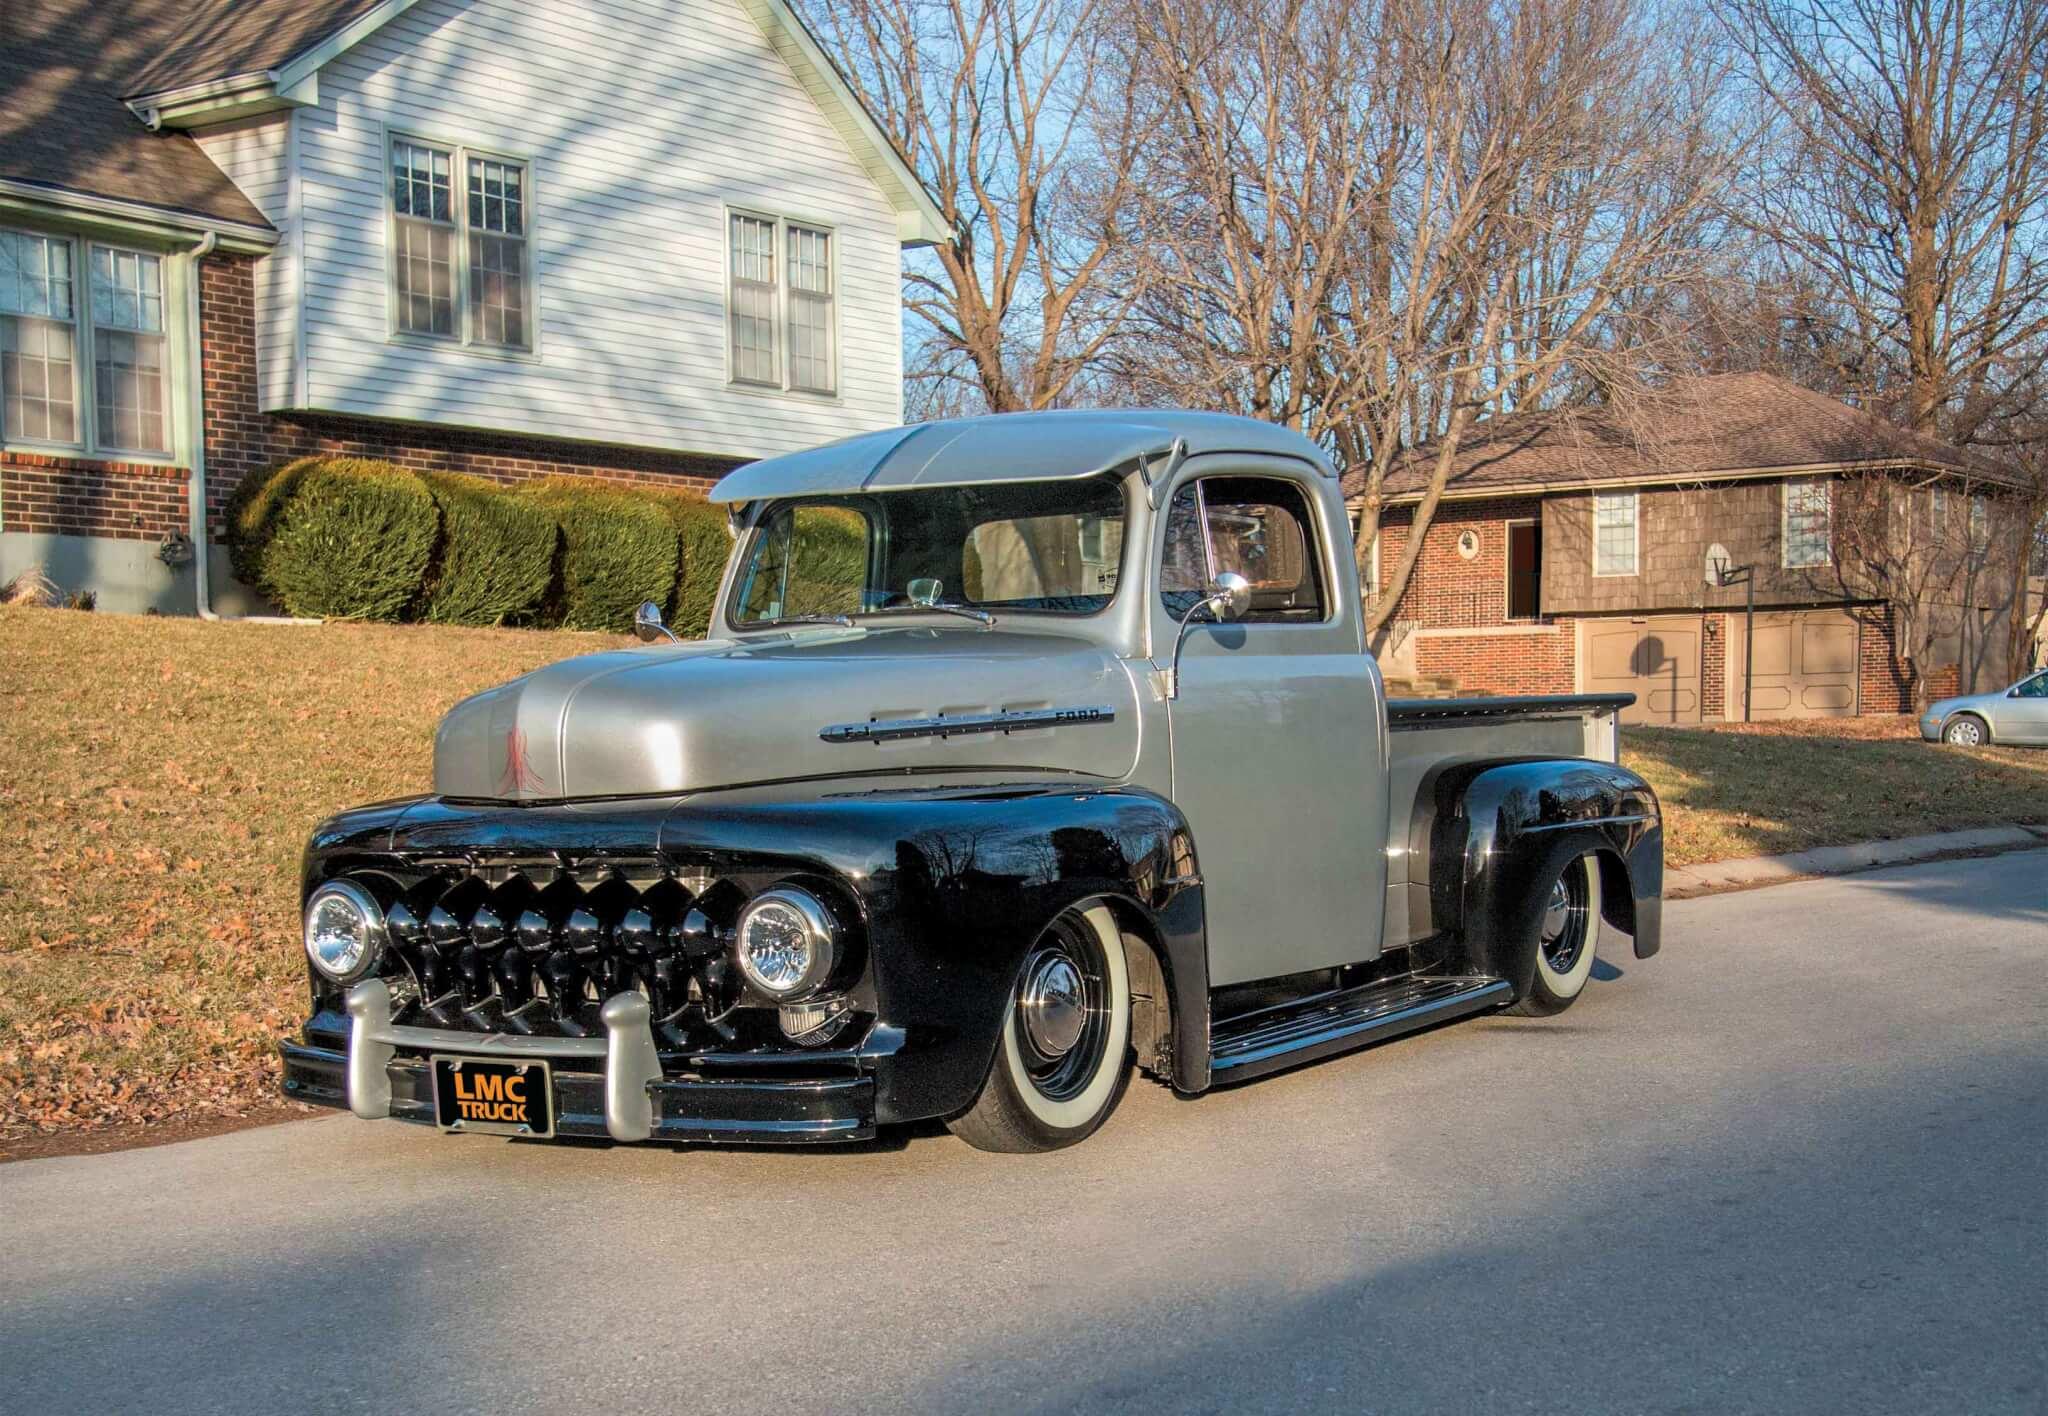 1951 Ford F1-Matt S  - LMC Truck Life